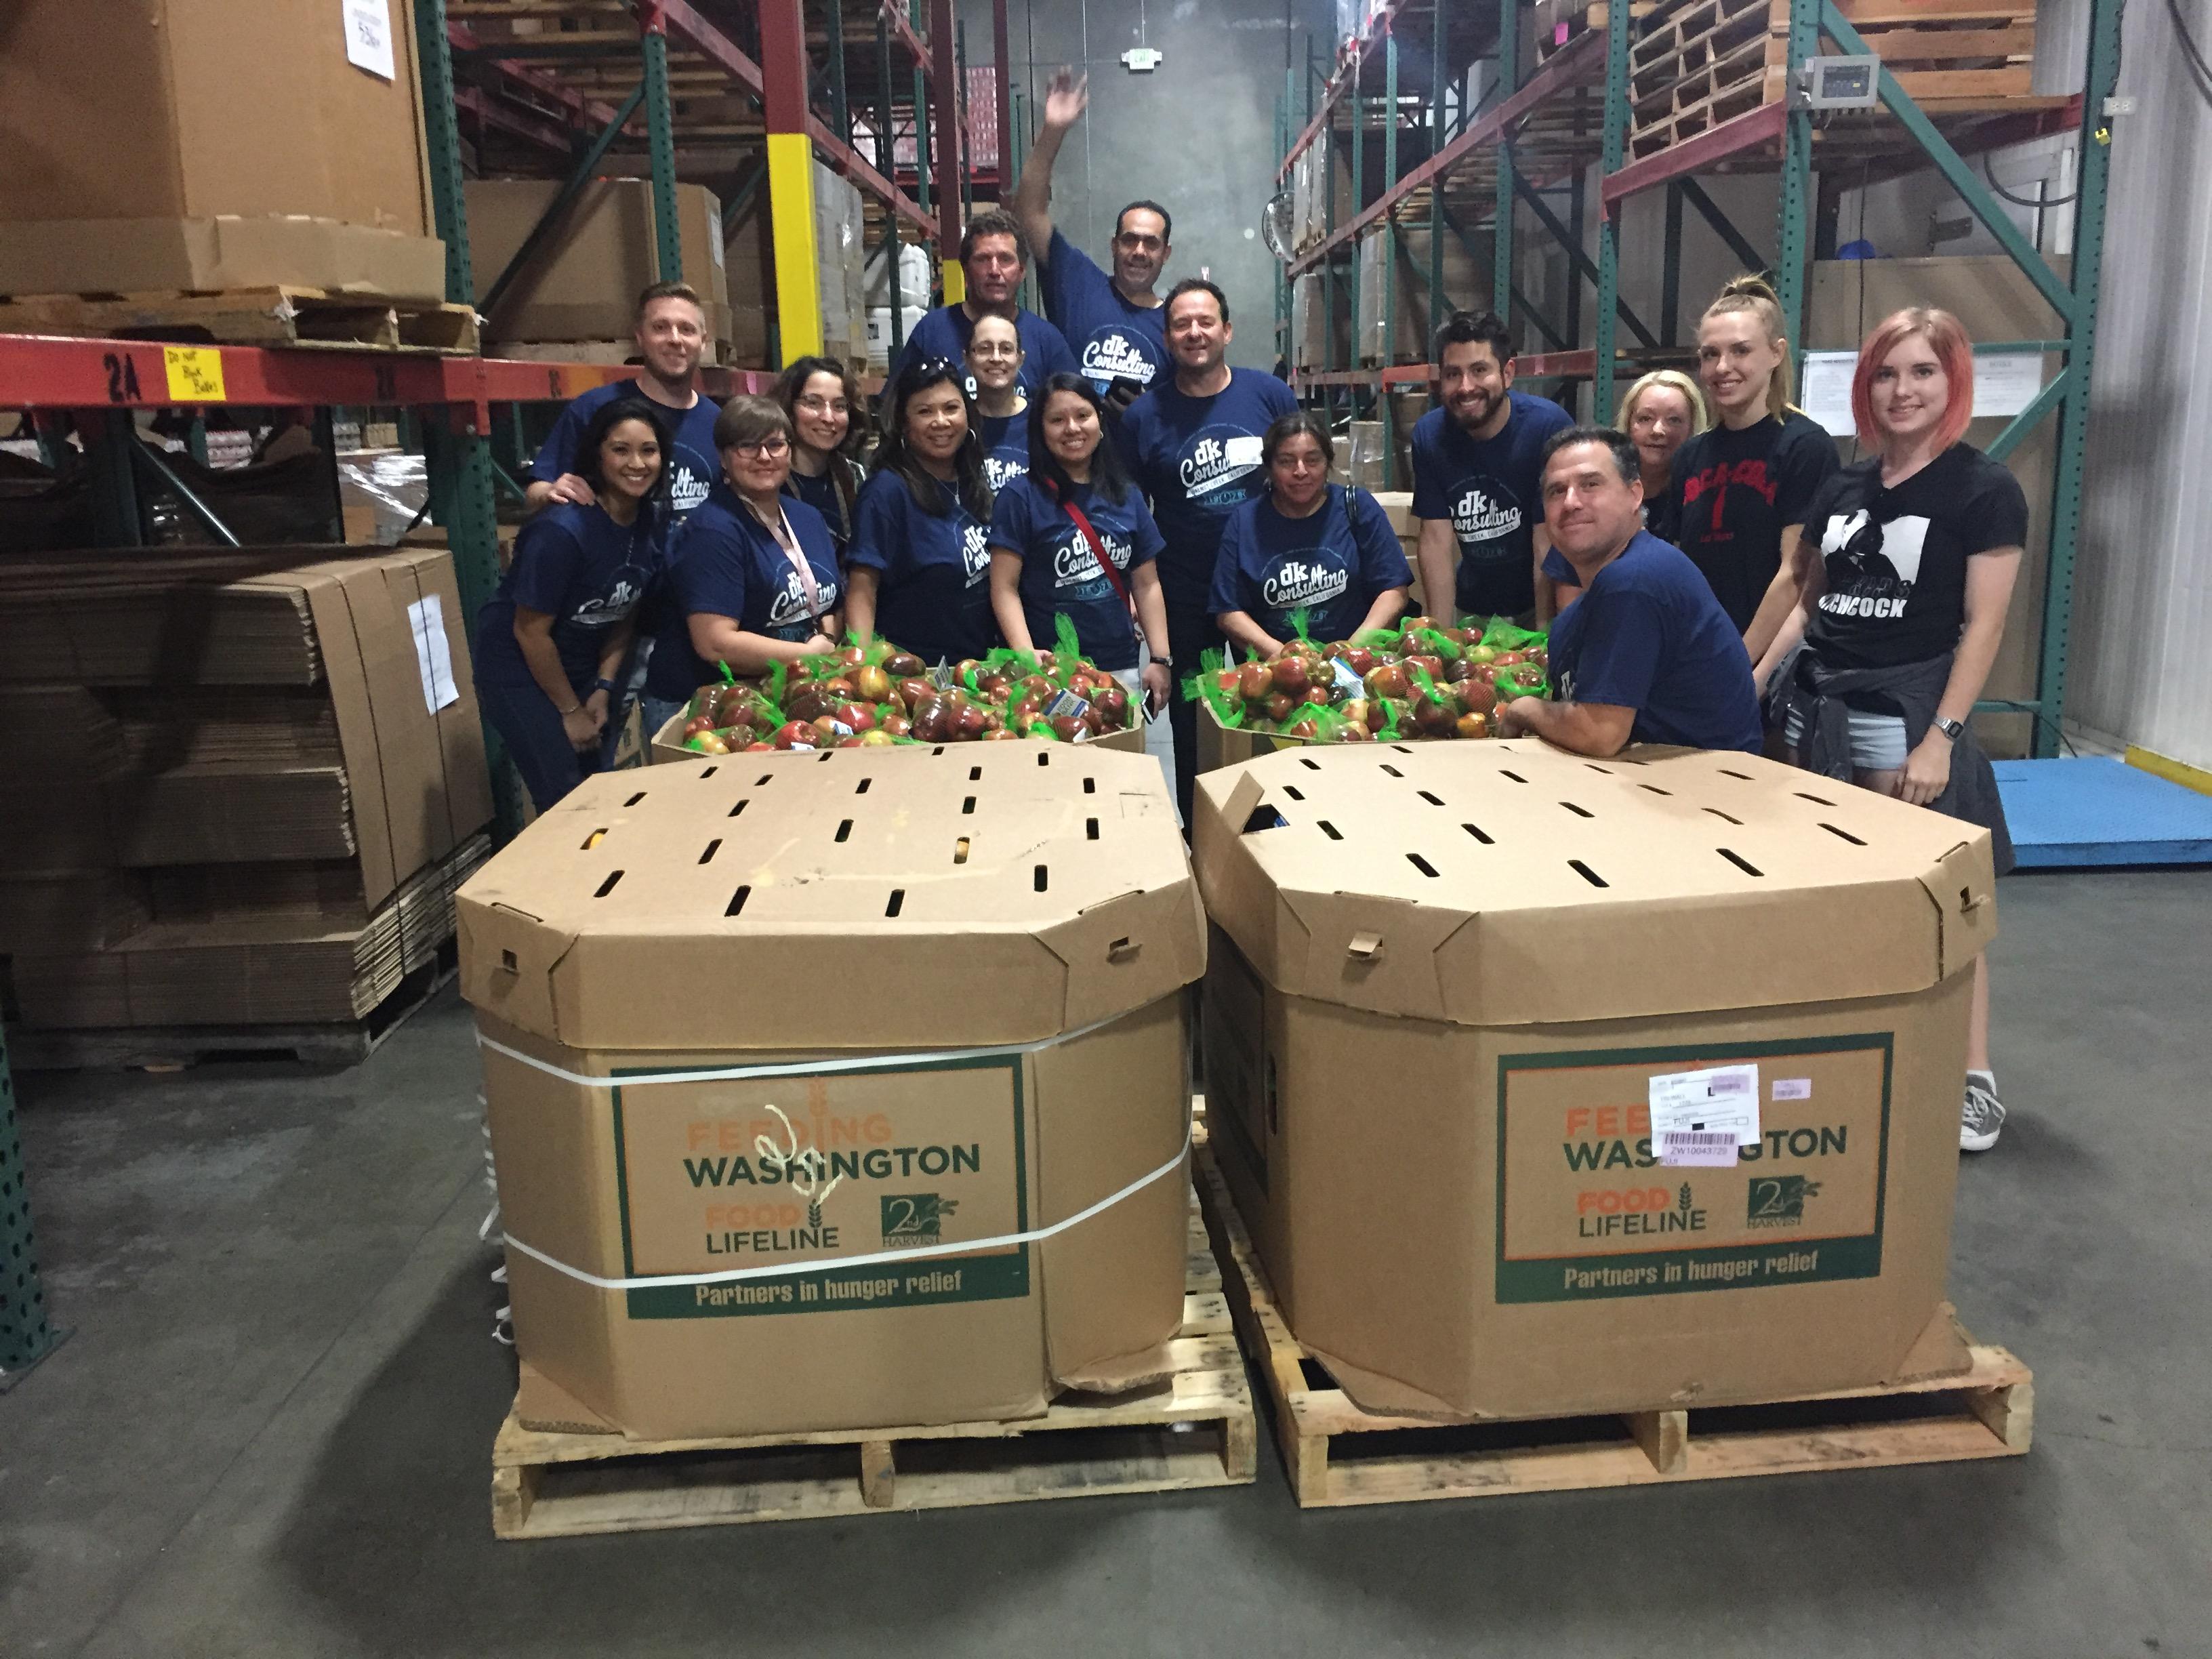 dk Engineering staff volunteering at the food bank